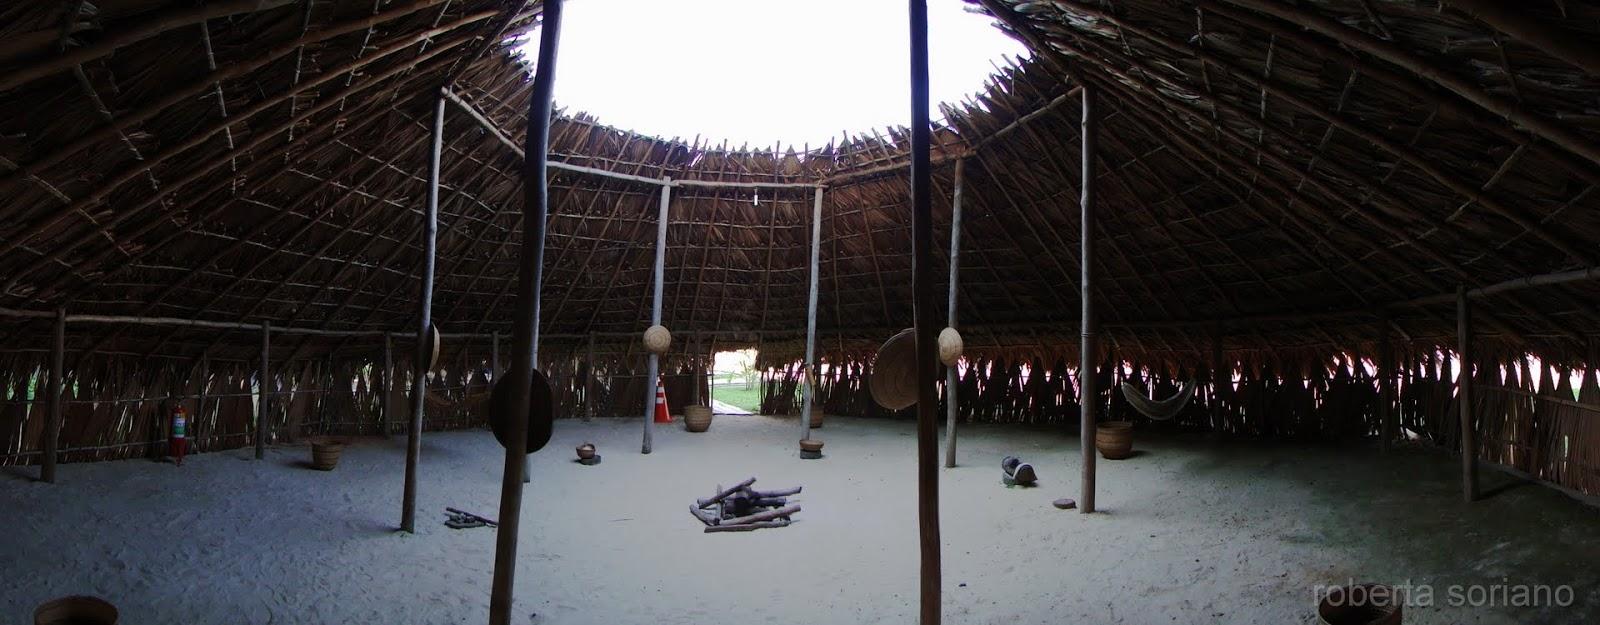 VIAGEM, TURISMO E AVENTURA: Manaus, Amazonas - Eh um polo